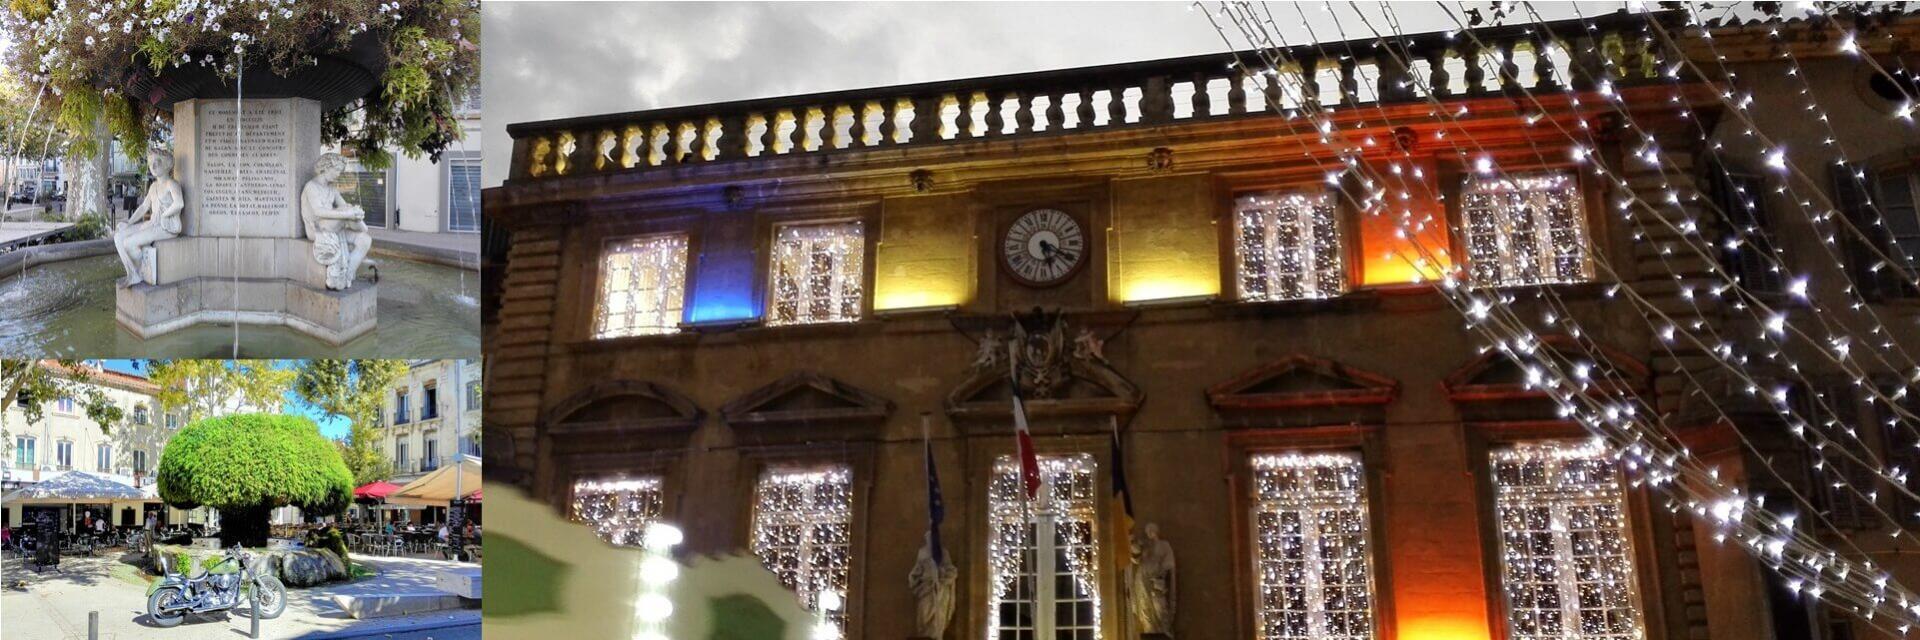 Le 29 f vrier est un jour intercalaire for Hotel de ville salon de provence